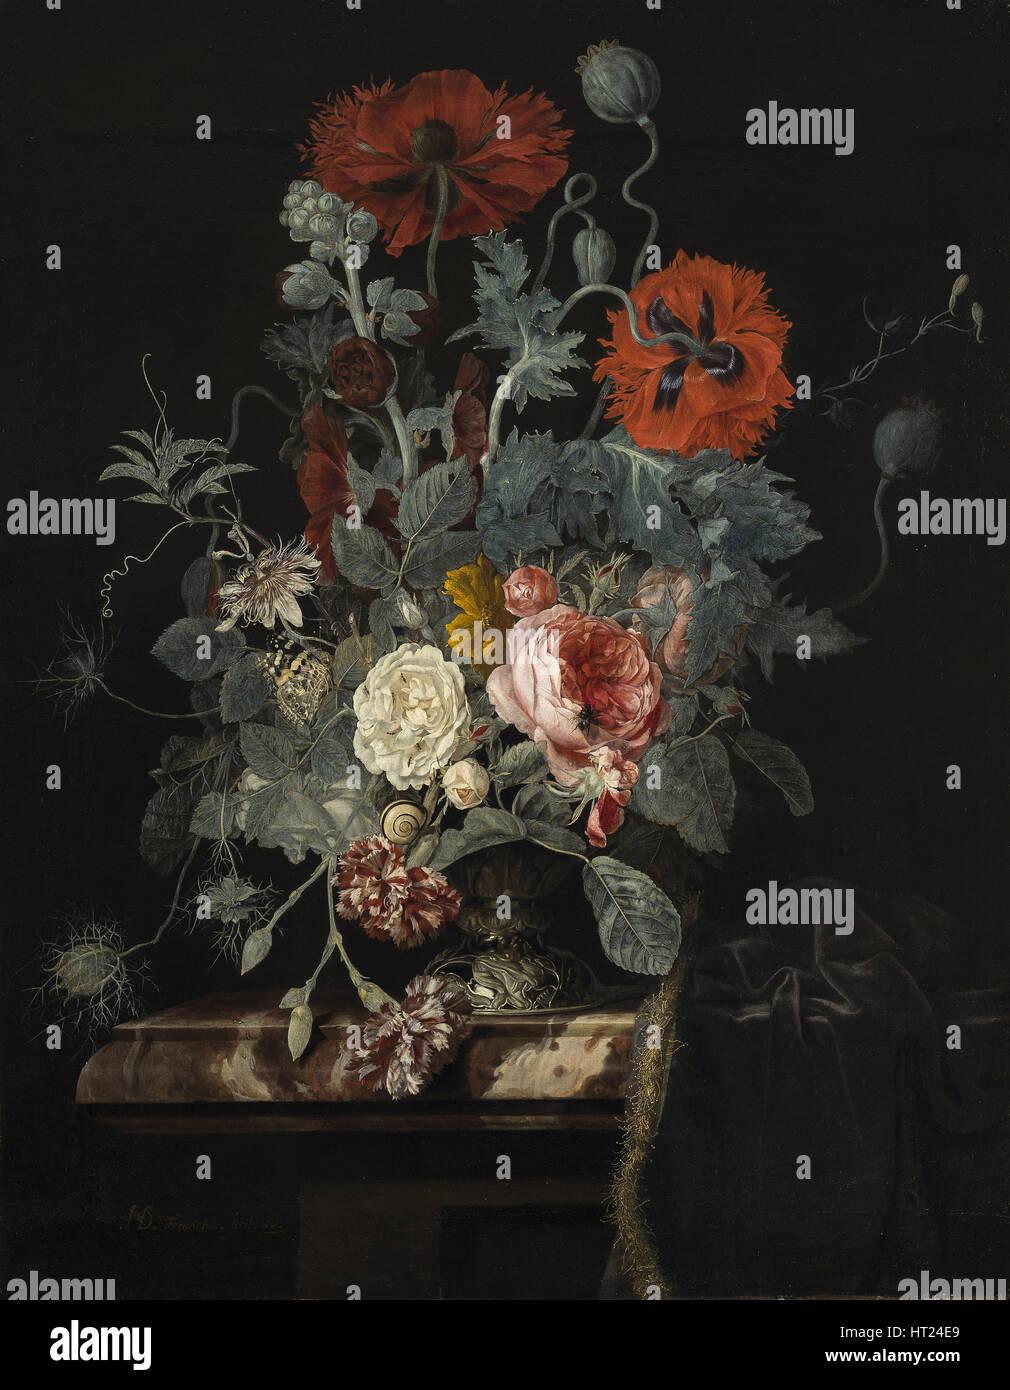 Floral still life, 1665. Artist: Fromantiou, Henri de (c. 1633/34-after 1693) - Stock Image